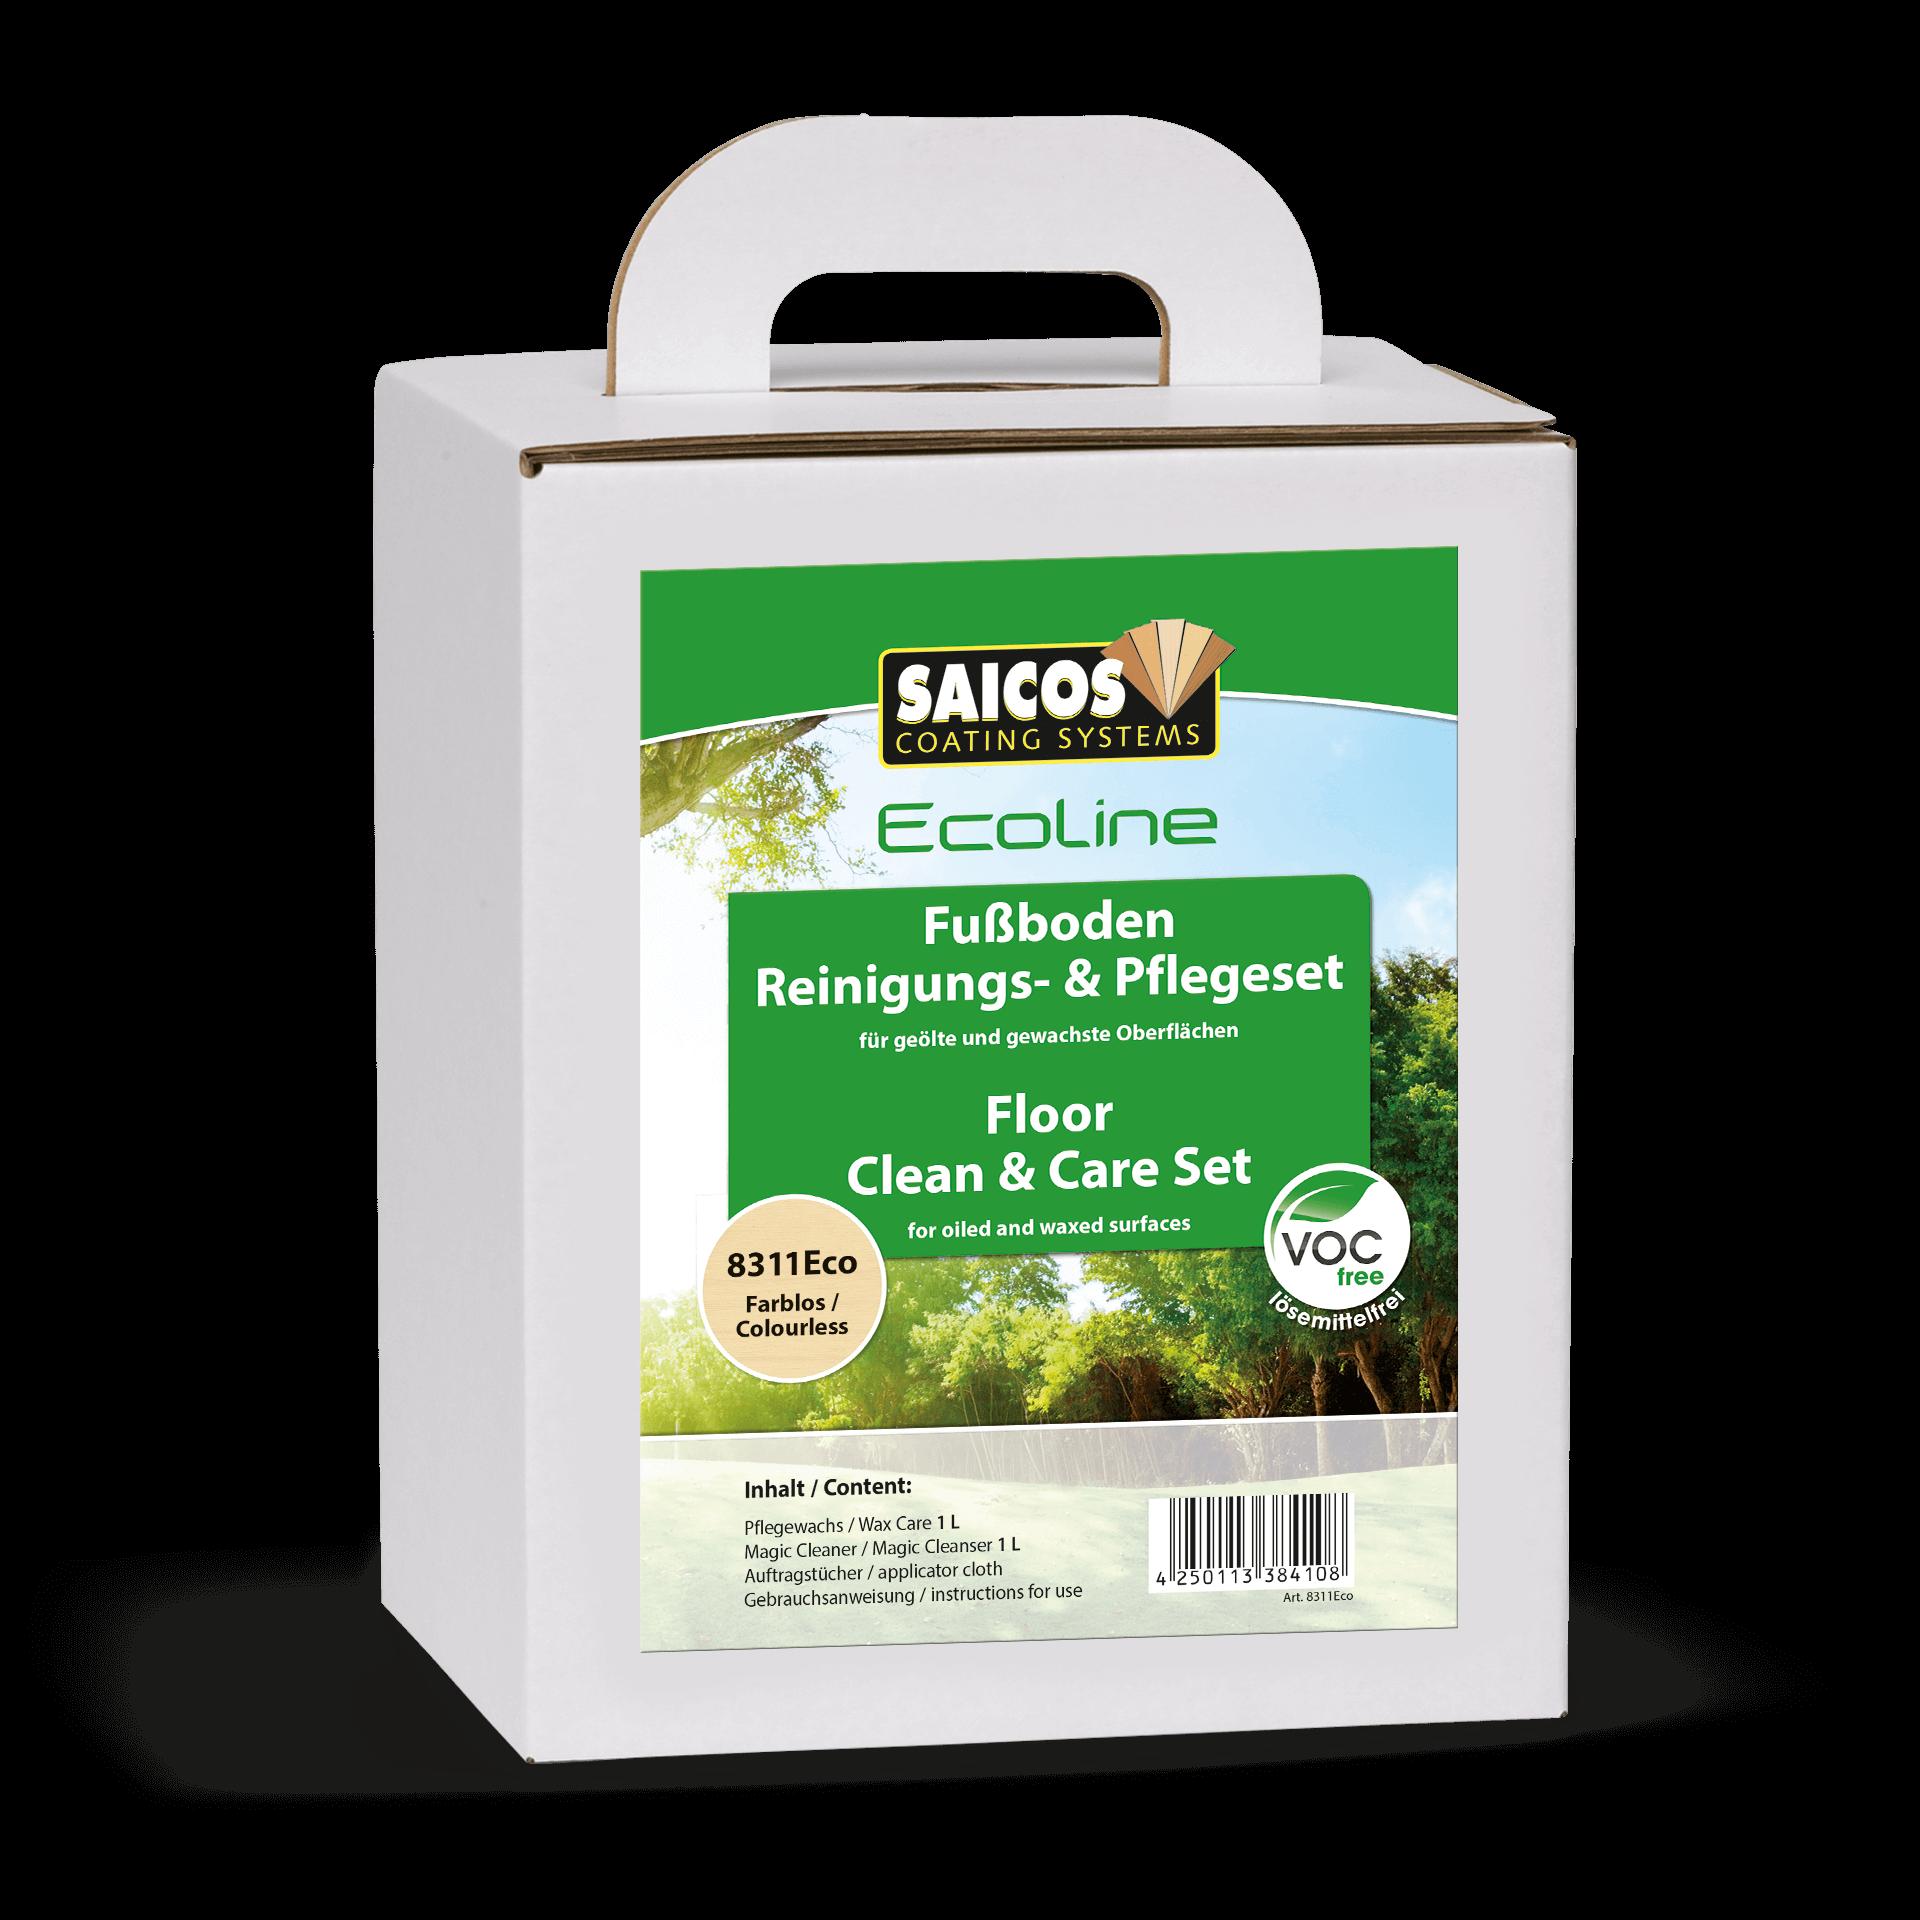 Saicos Ecoline Fußboden Reinigungs- & Pflegeset Floor Clean & Care Set englisch